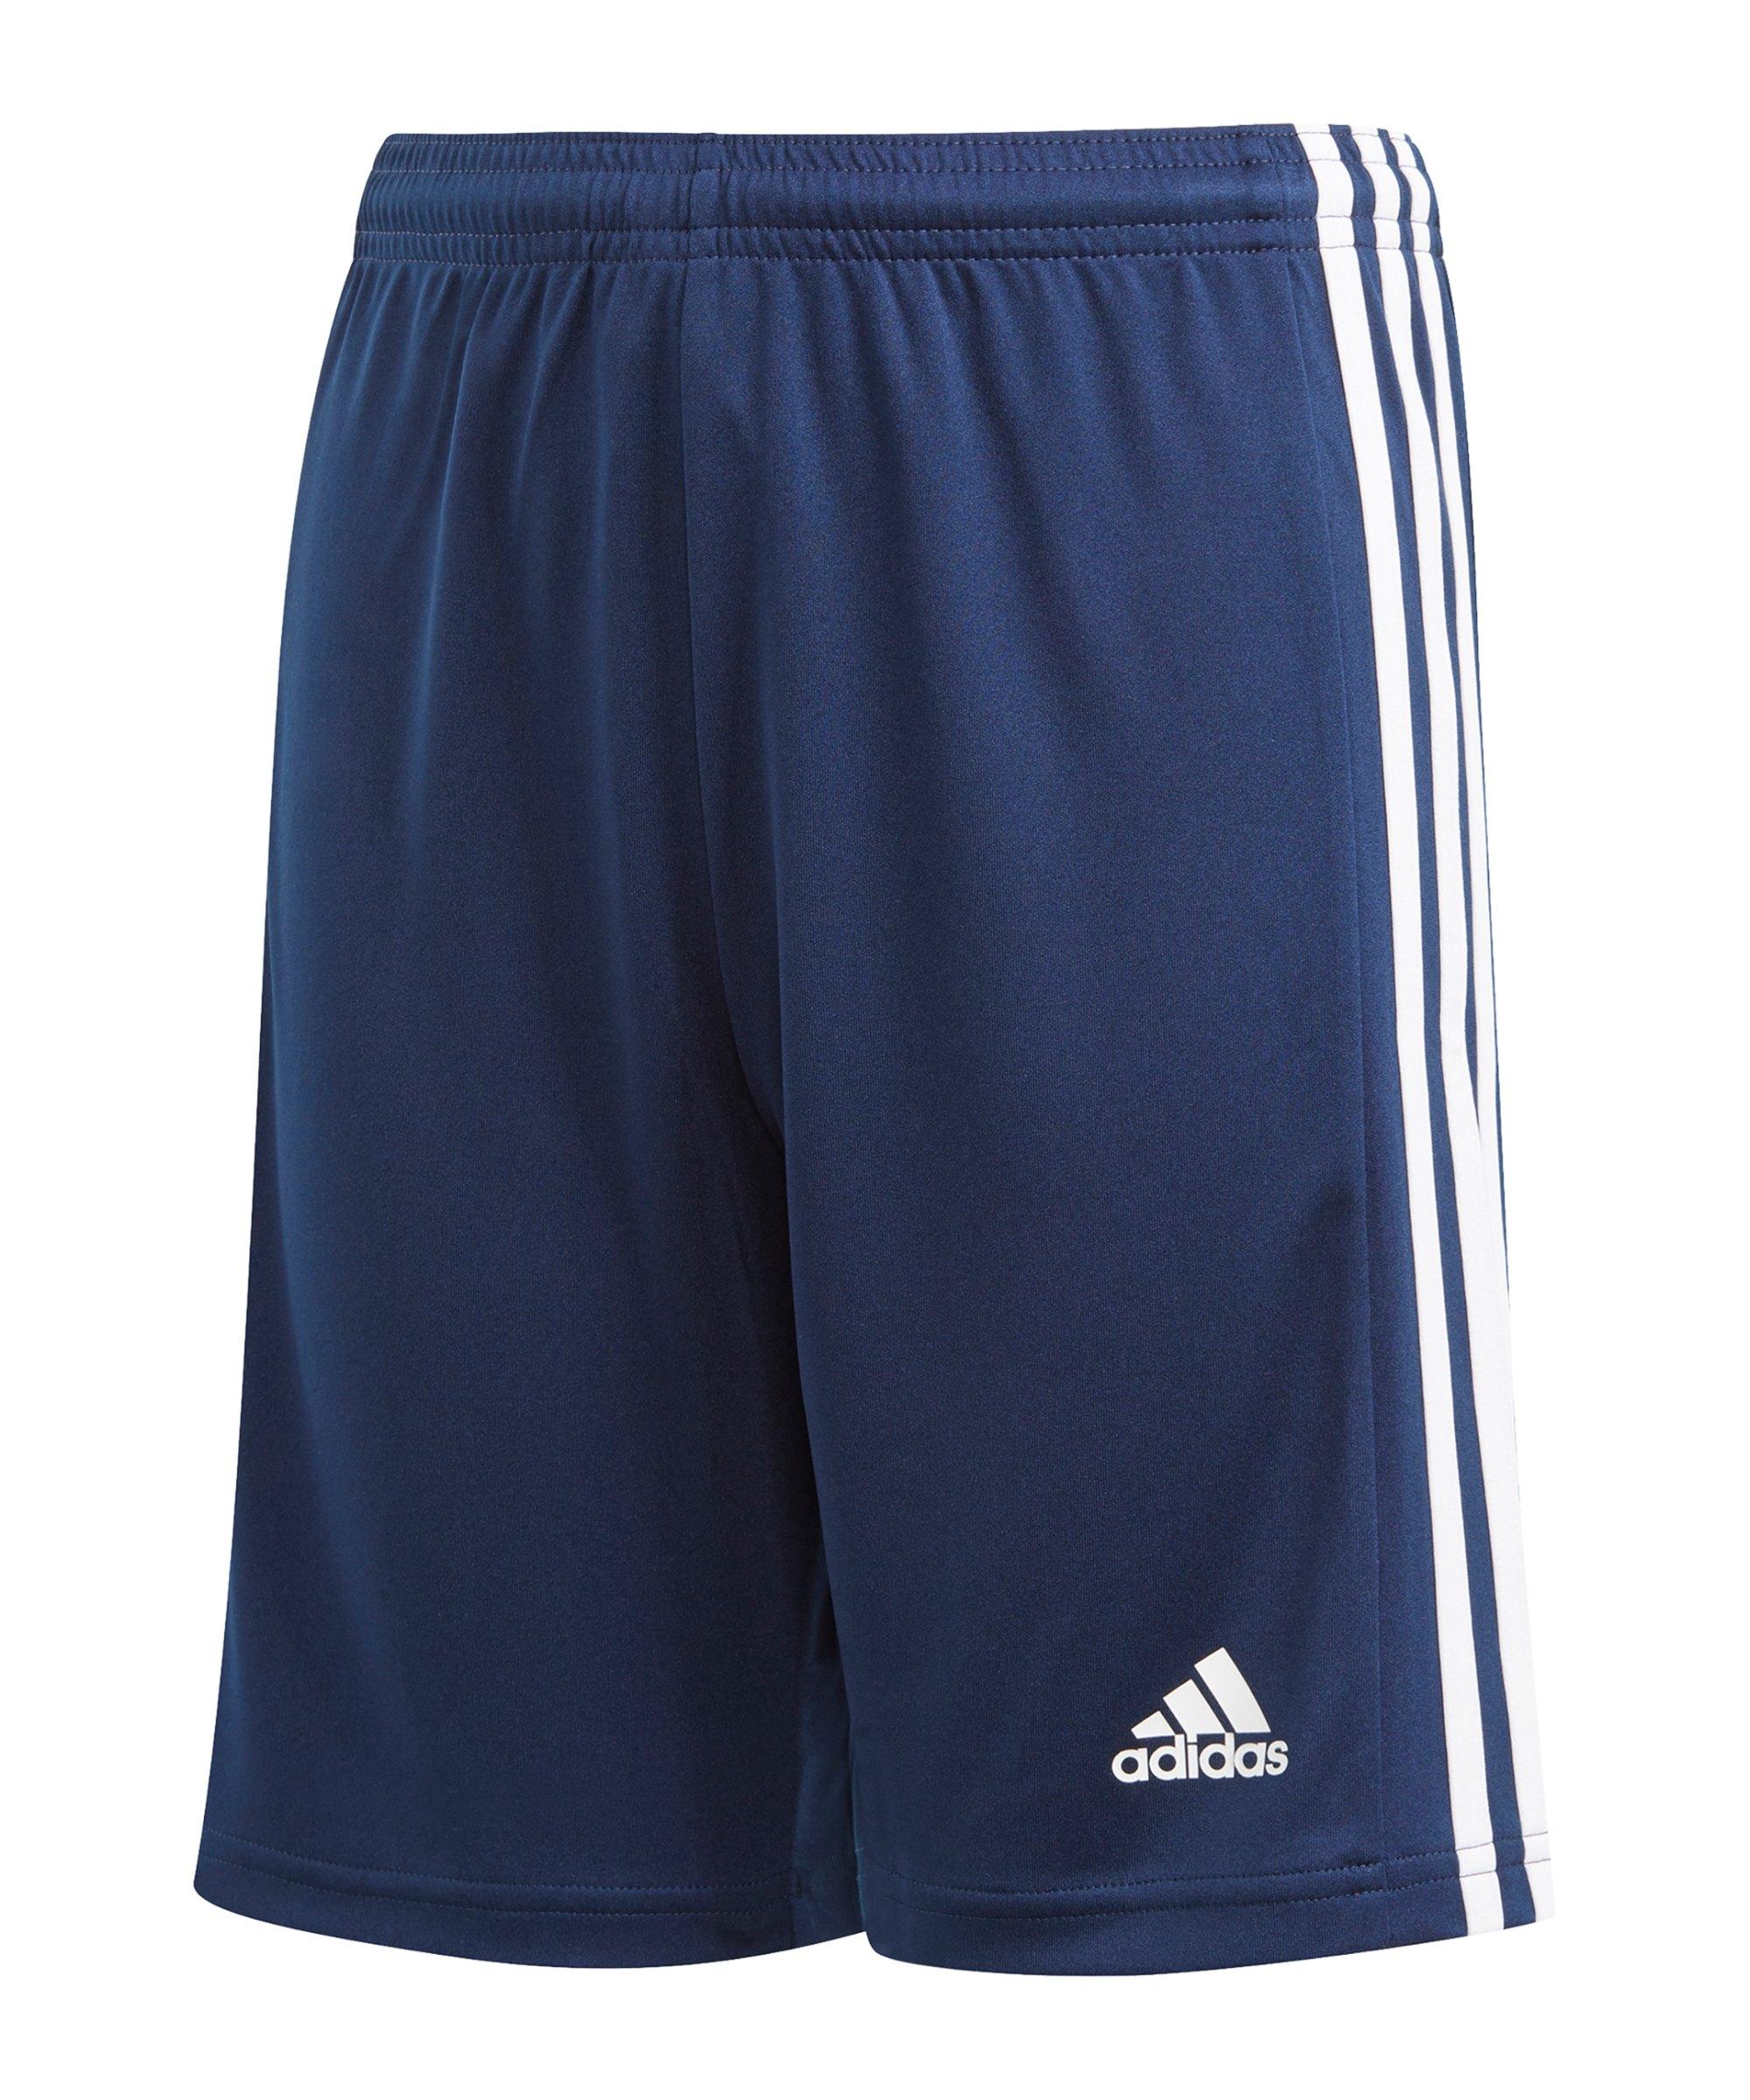 adidas Squadra 21 Short Kids Blau - rot